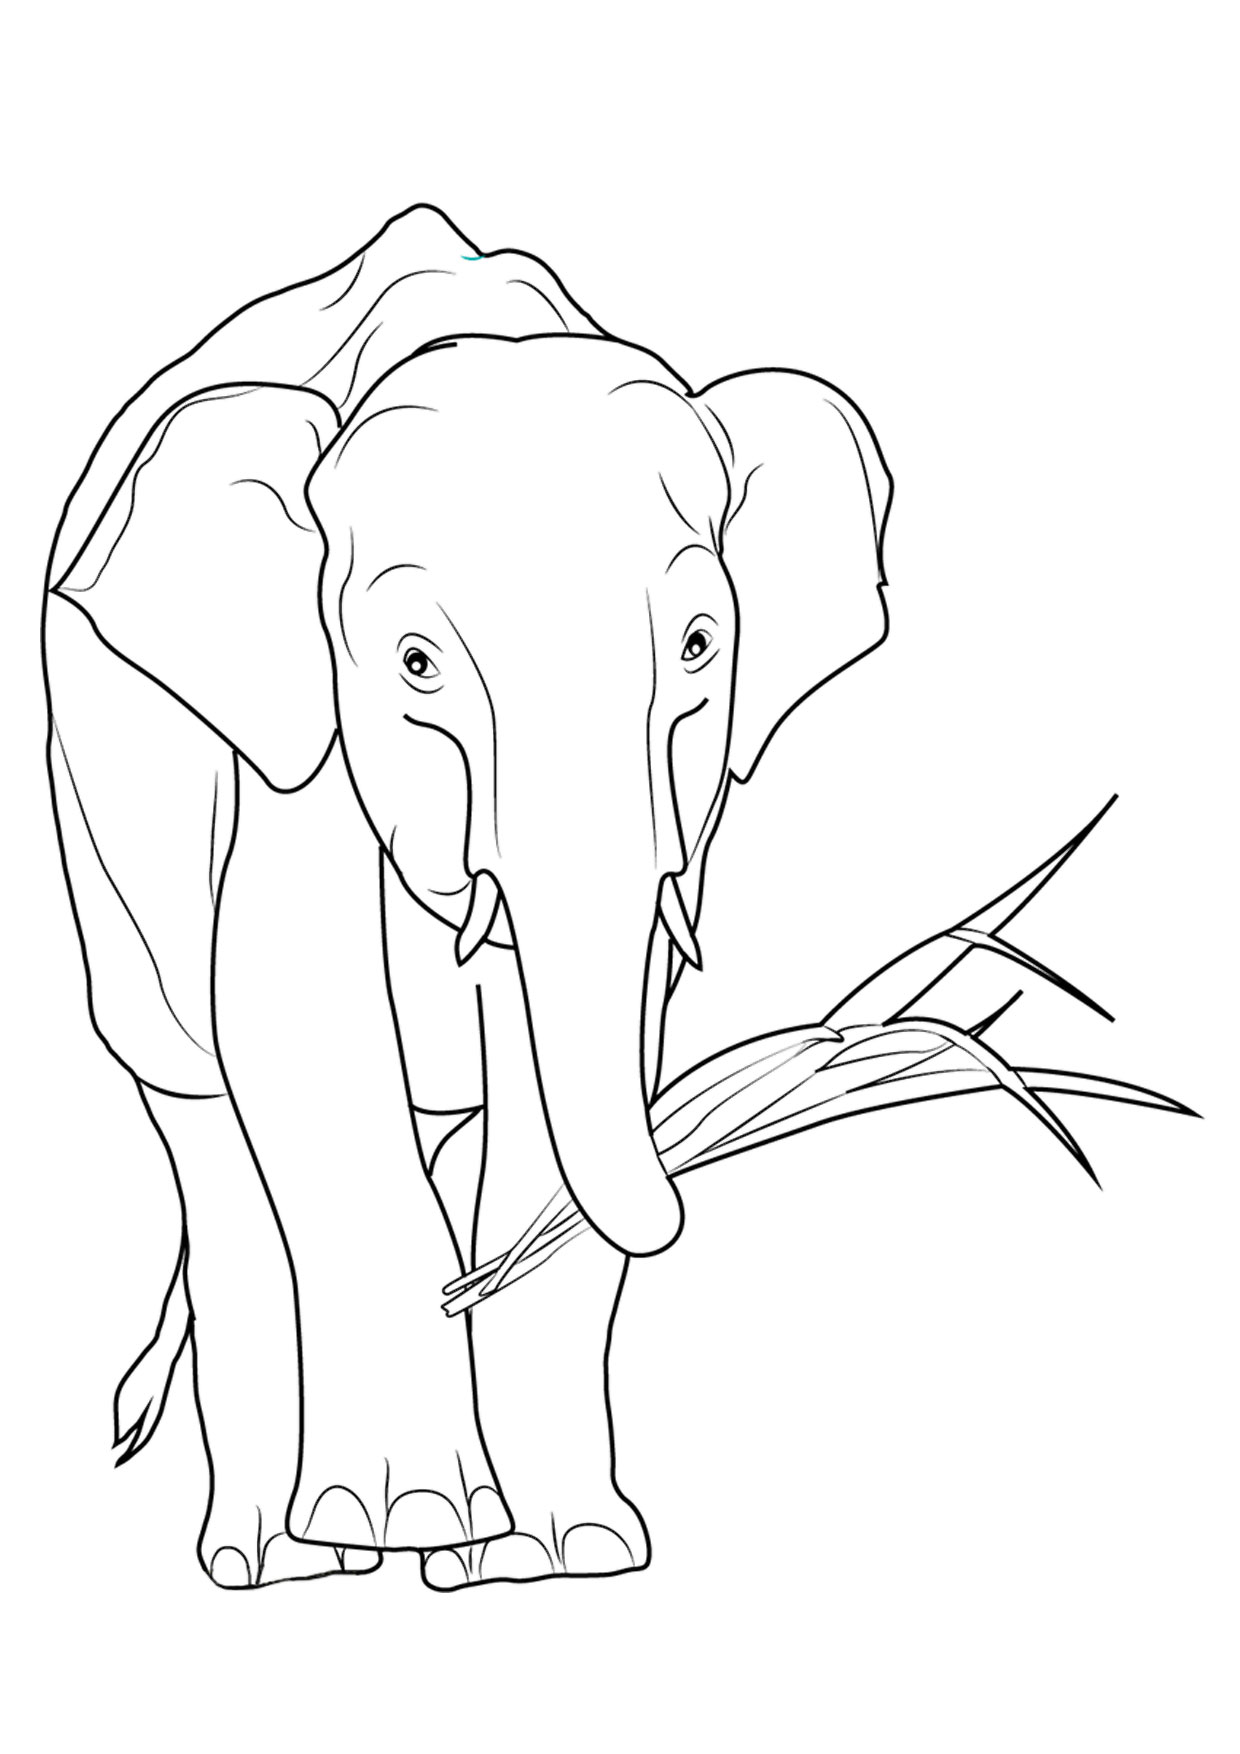 Disegno di elefanti da colorare 22